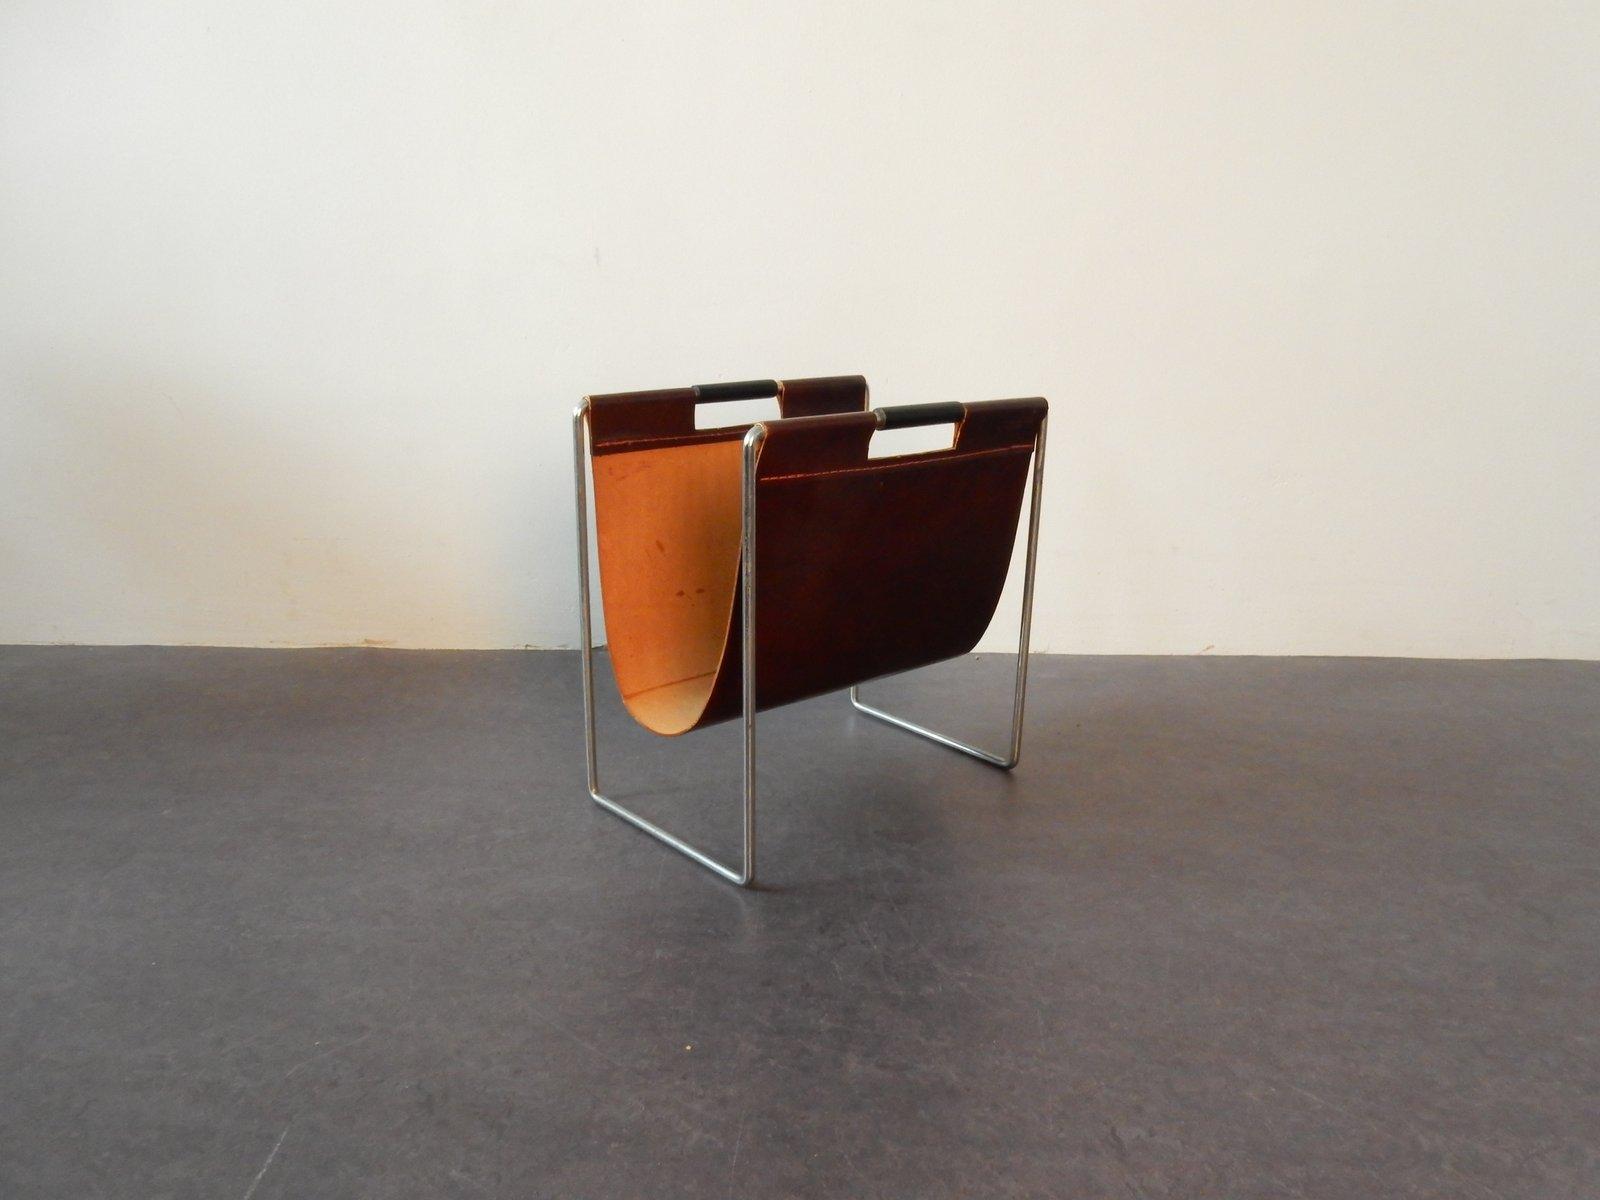 zeitungsst nder aus leder metall von brabantia bei. Black Bedroom Furniture Sets. Home Design Ideas